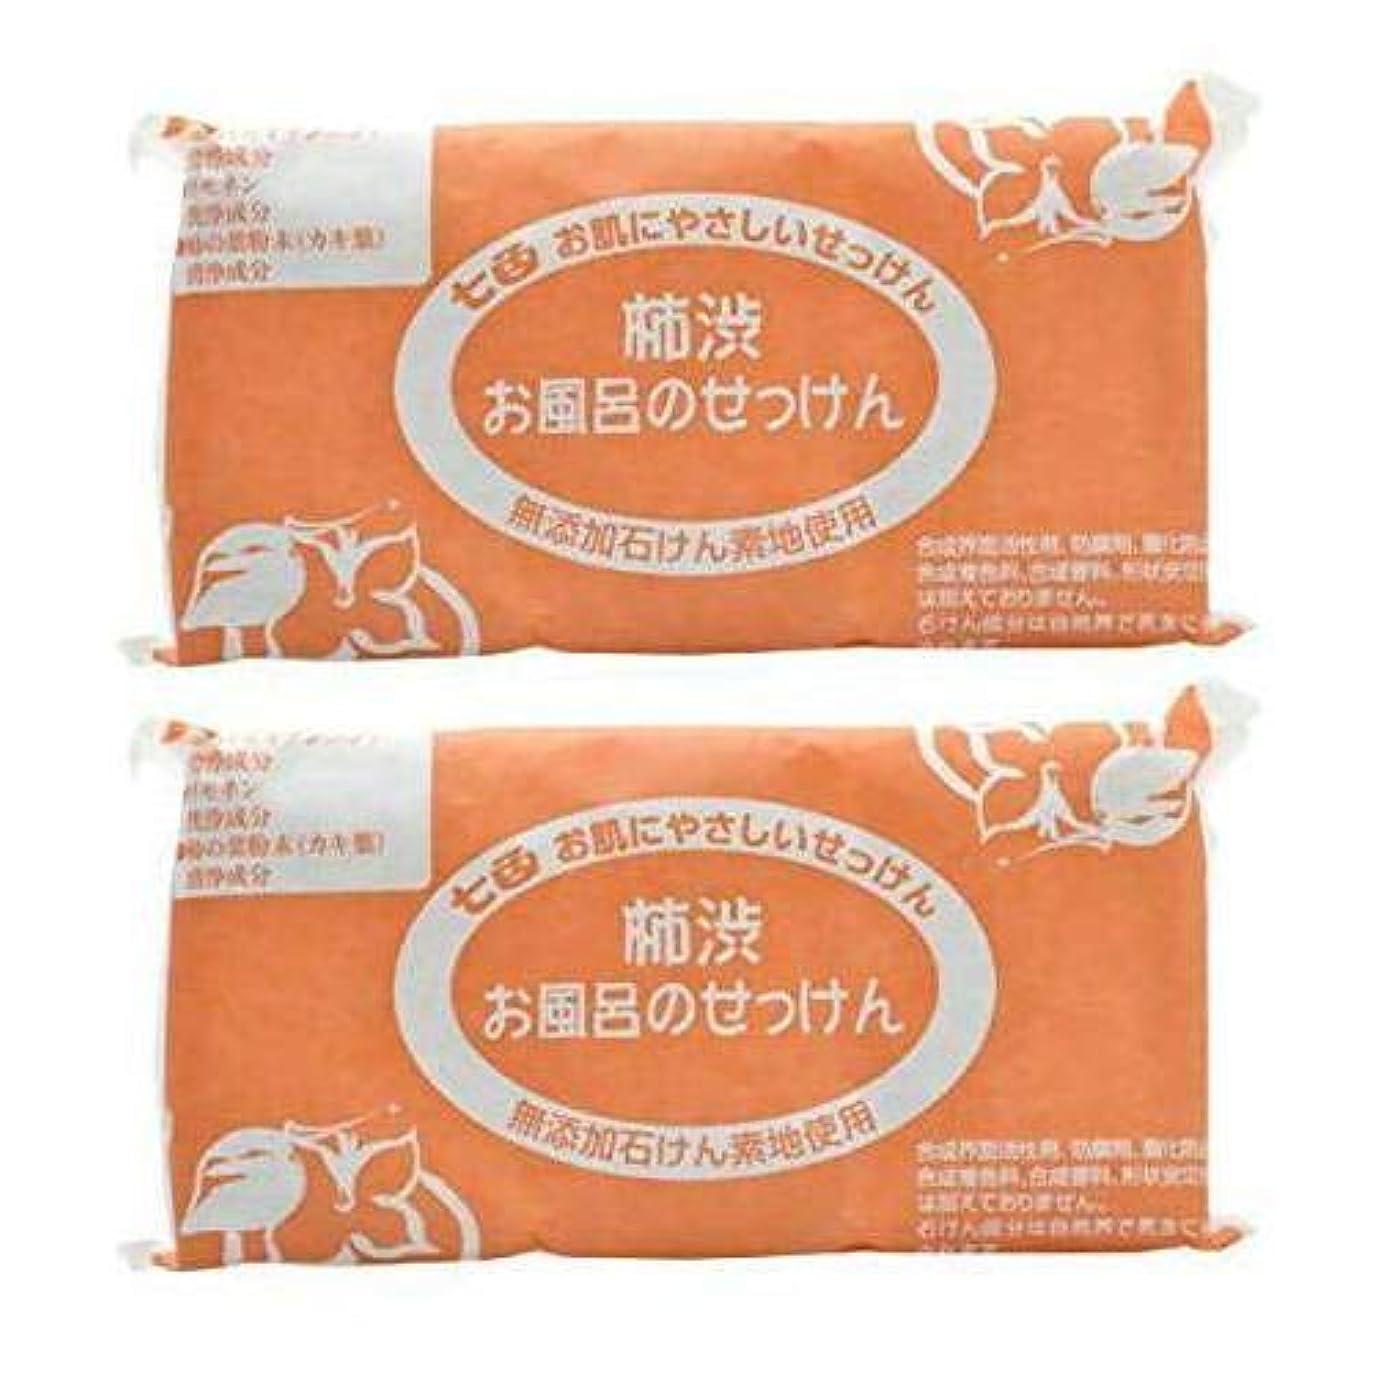 高齢者残基アプト七色 お風呂のせっけん 柿渋(無添加石鹸) 100g×3個入×2セット